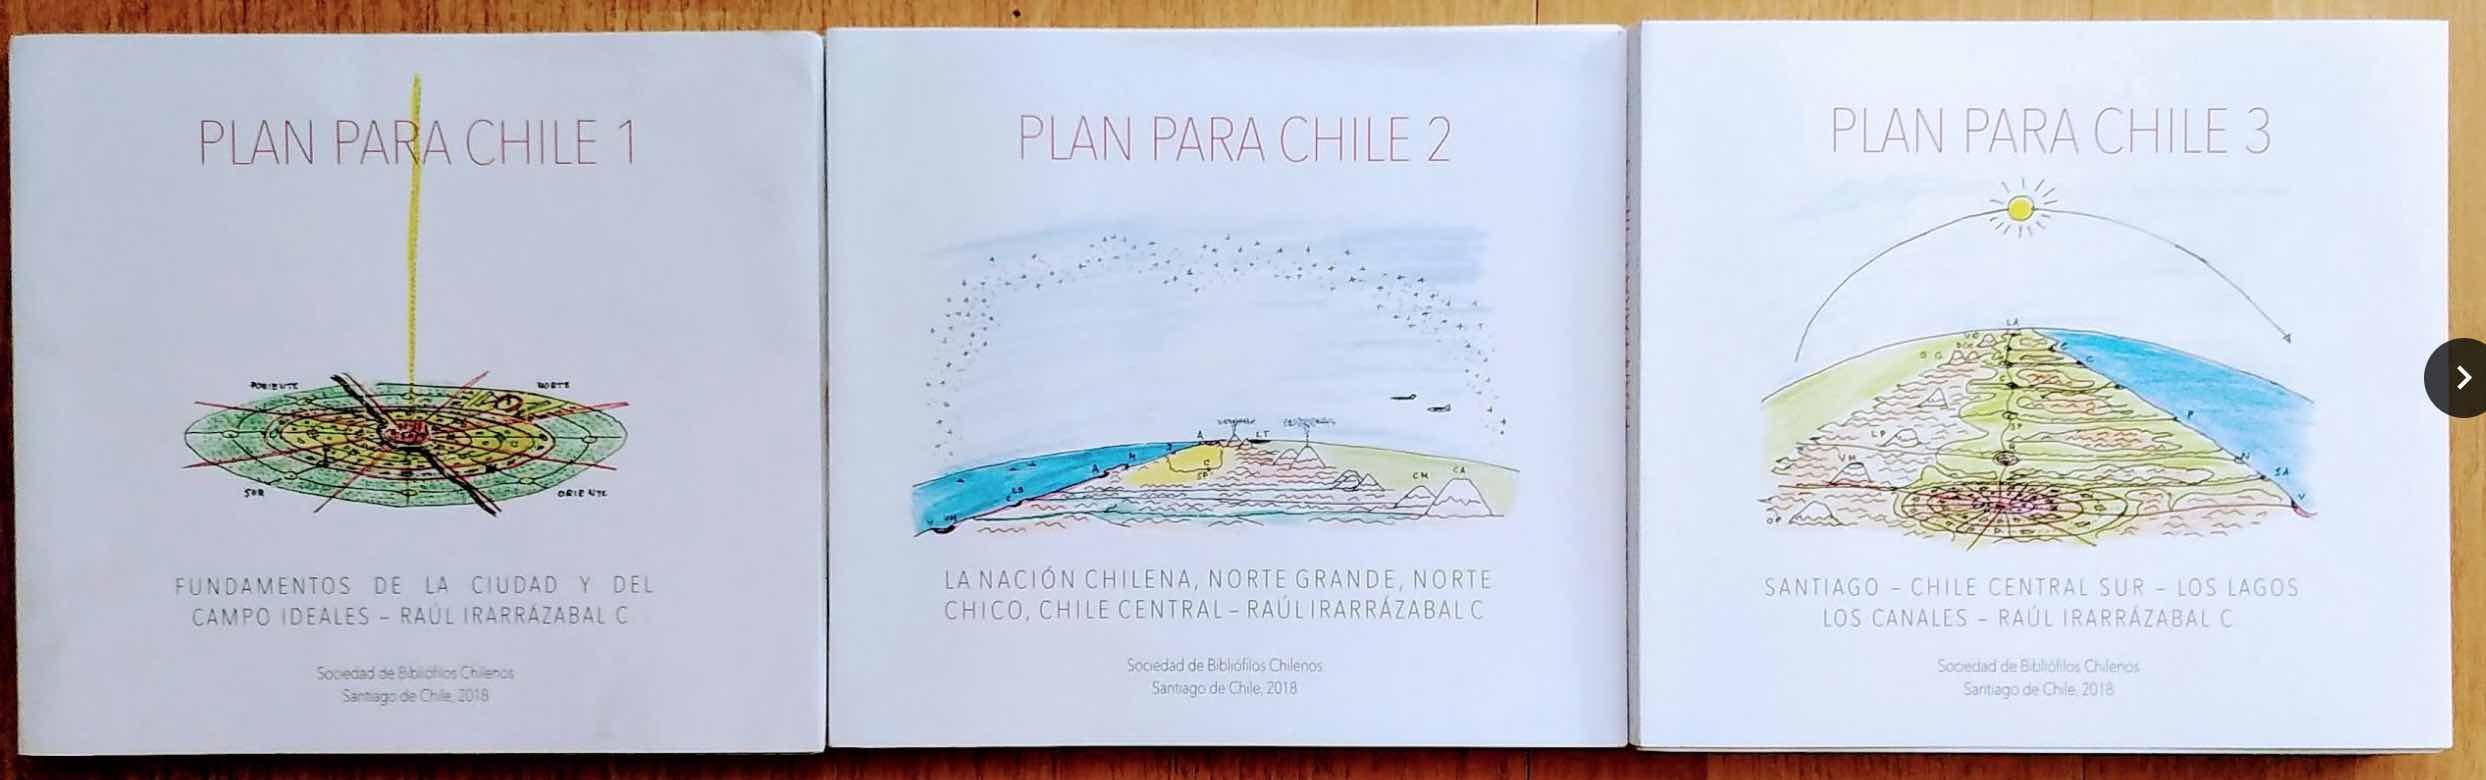 Un Plan para Chile